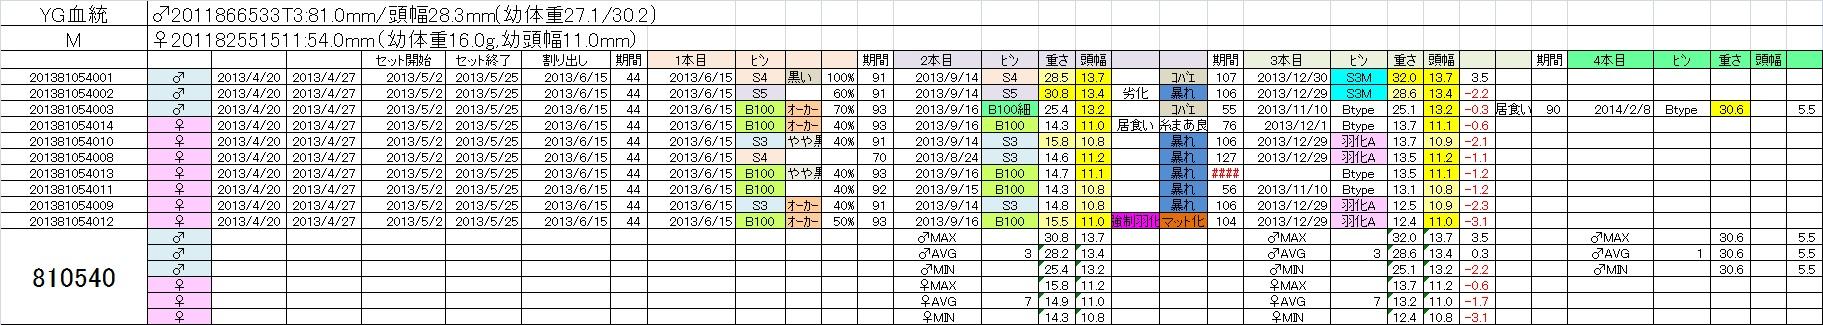 2013810540 4本目